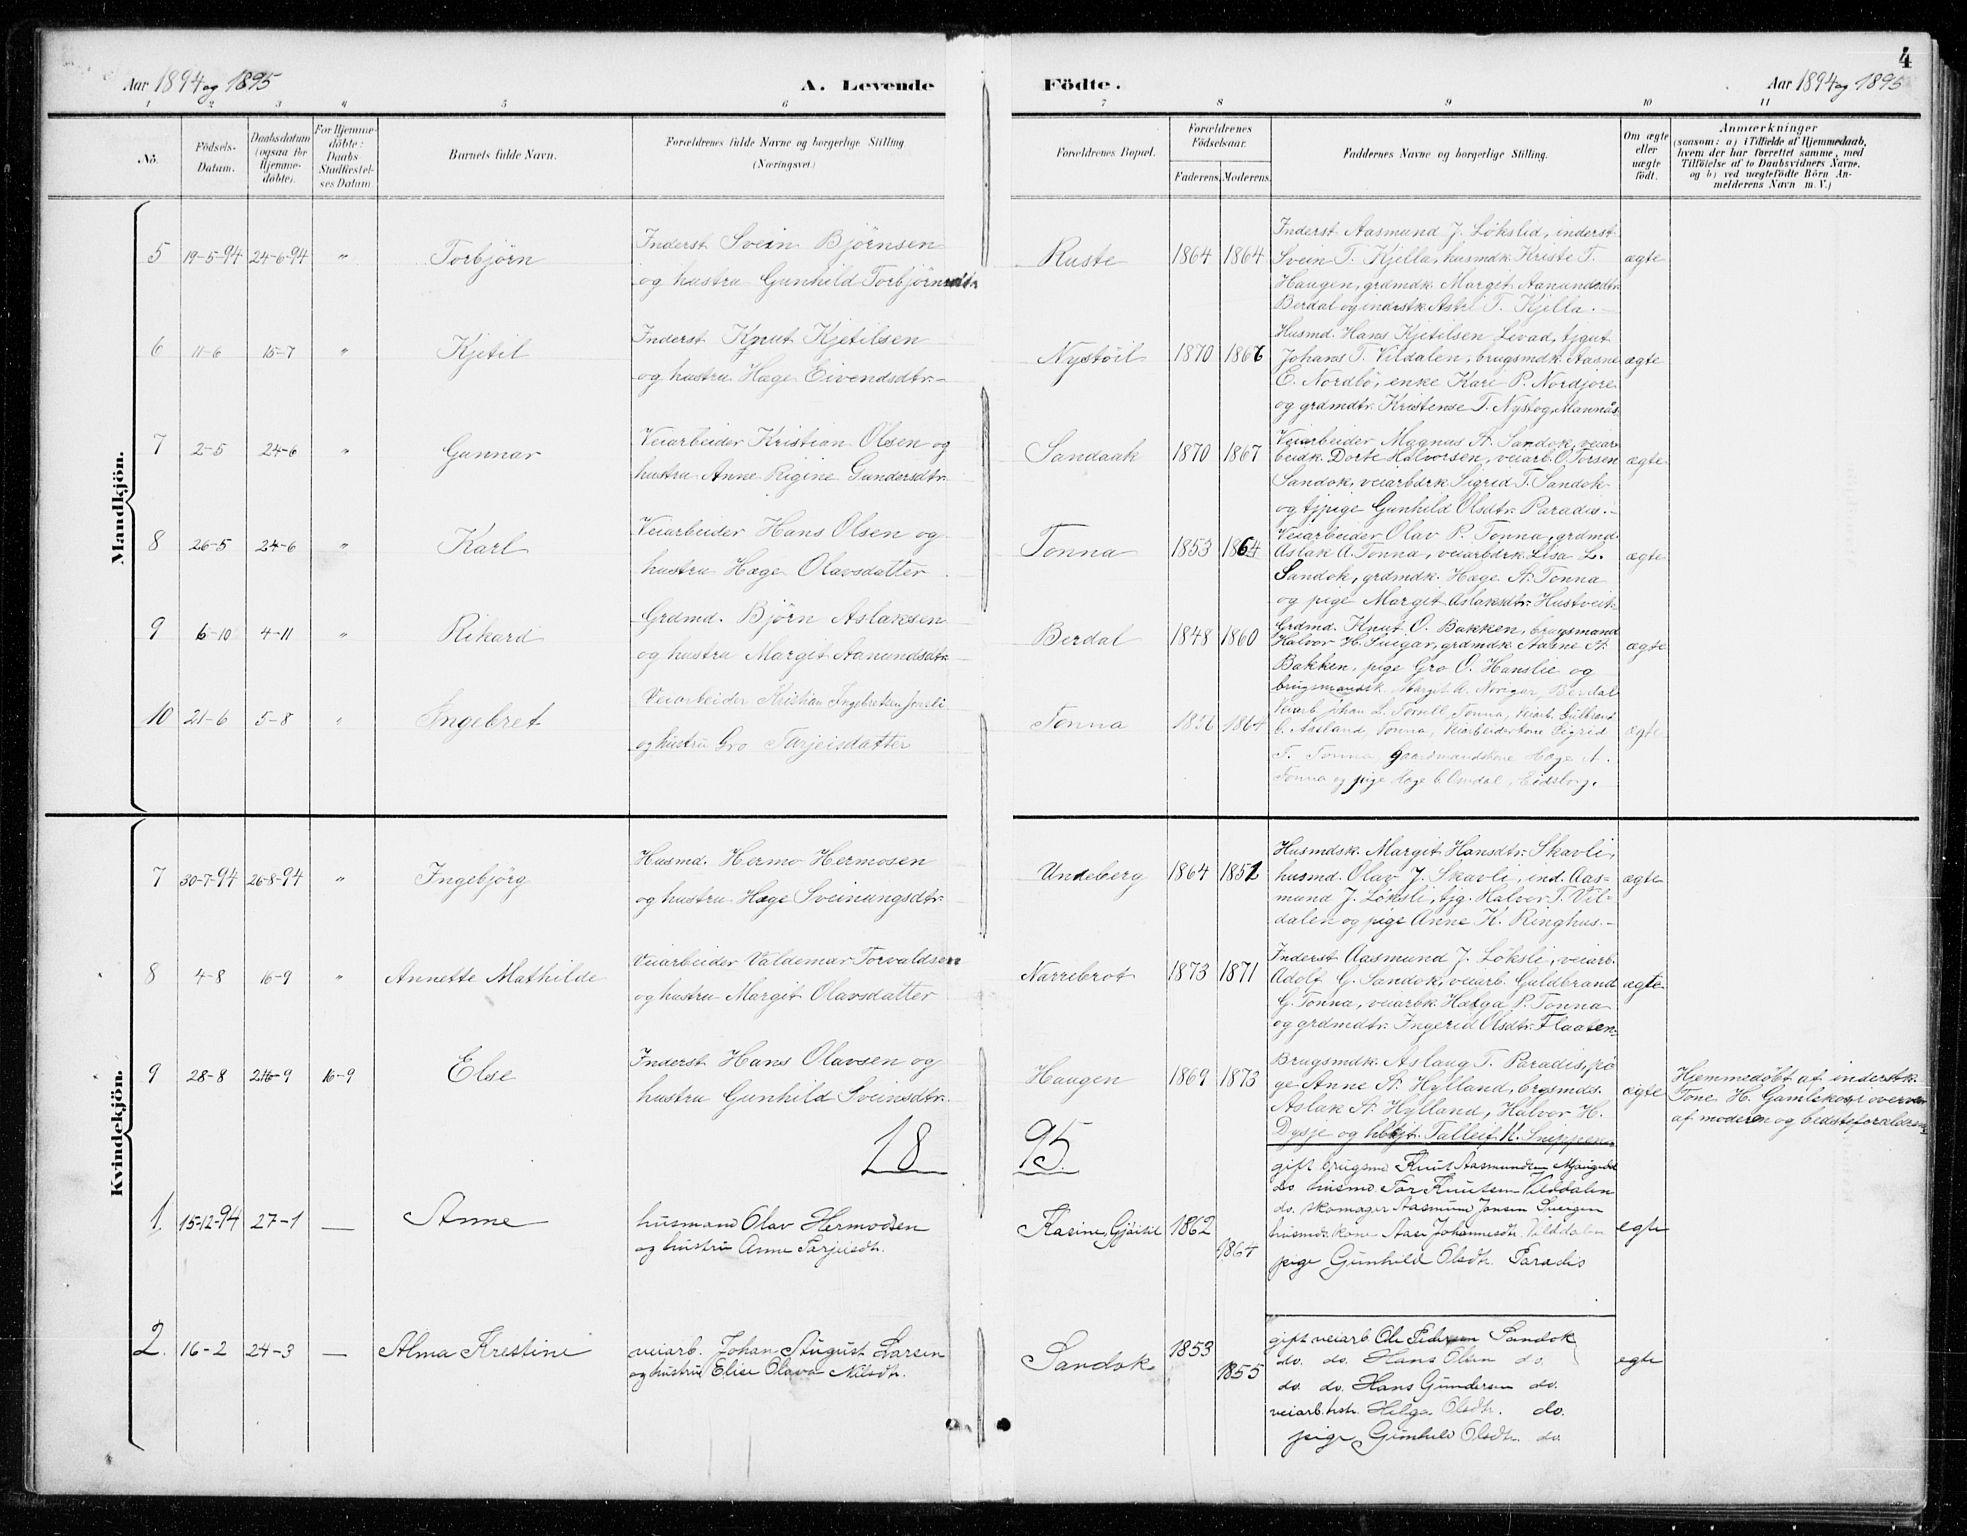 SAKO, Vinje kirkebøker, G/Gb/L0003: Klokkerbok nr. II 3, 1892-1943, s. 4